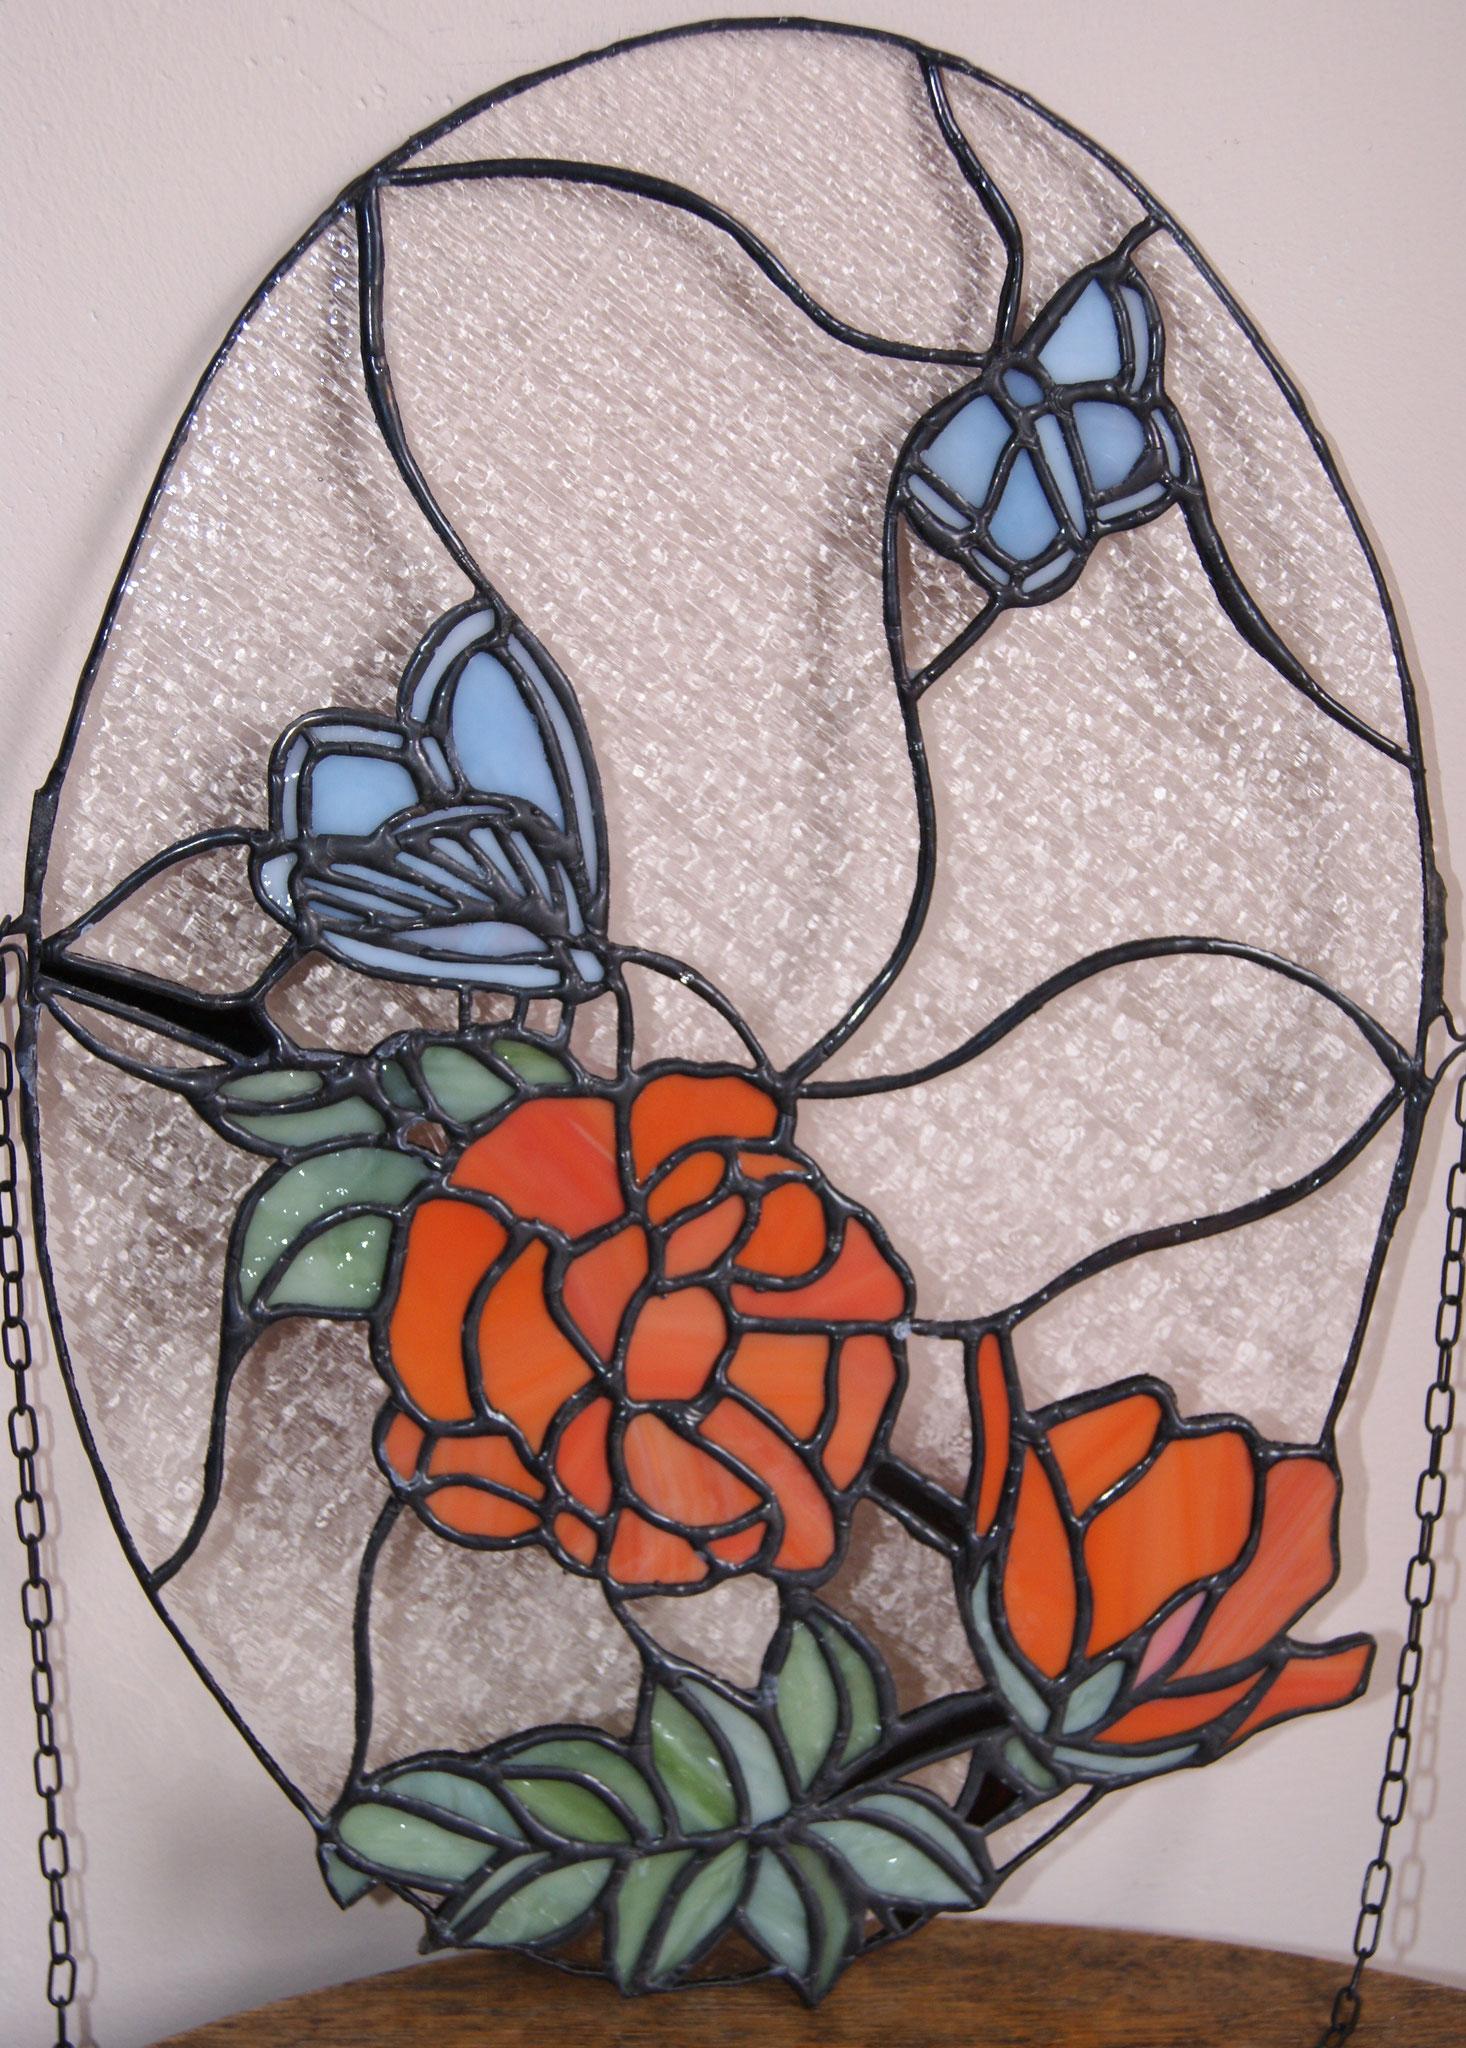 Trees'blauwe vlinders